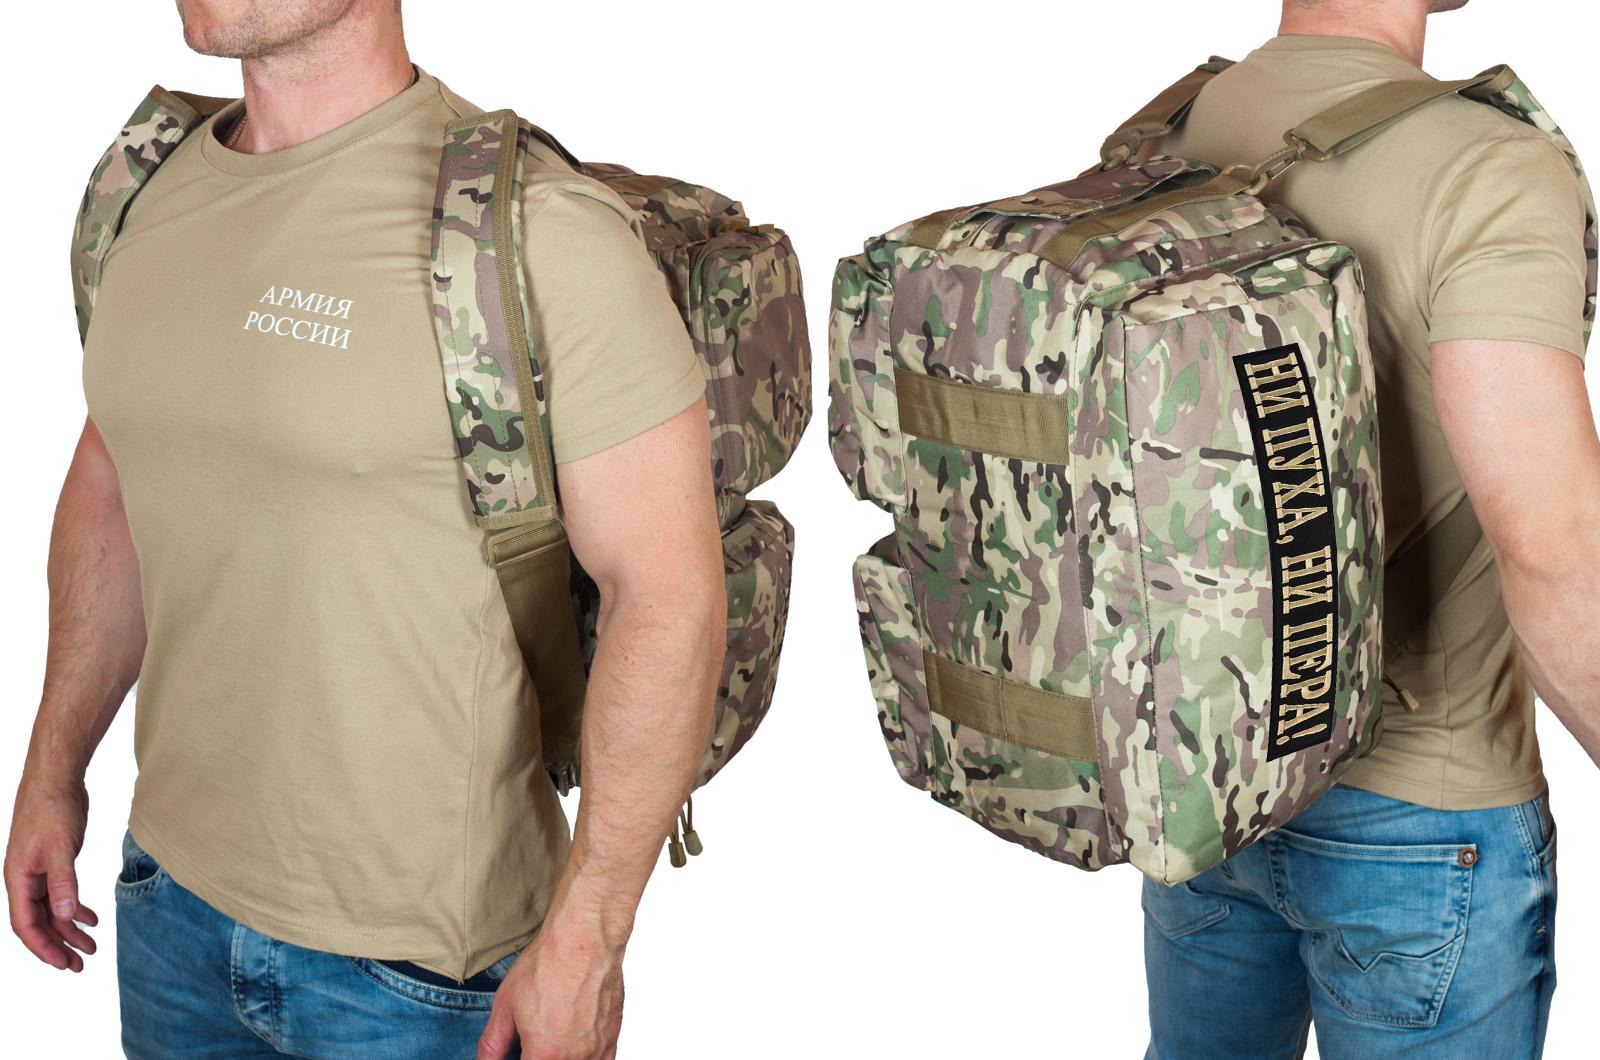 Камуфляжная походная сумка Ни пуха, Ни пера - купить оптом